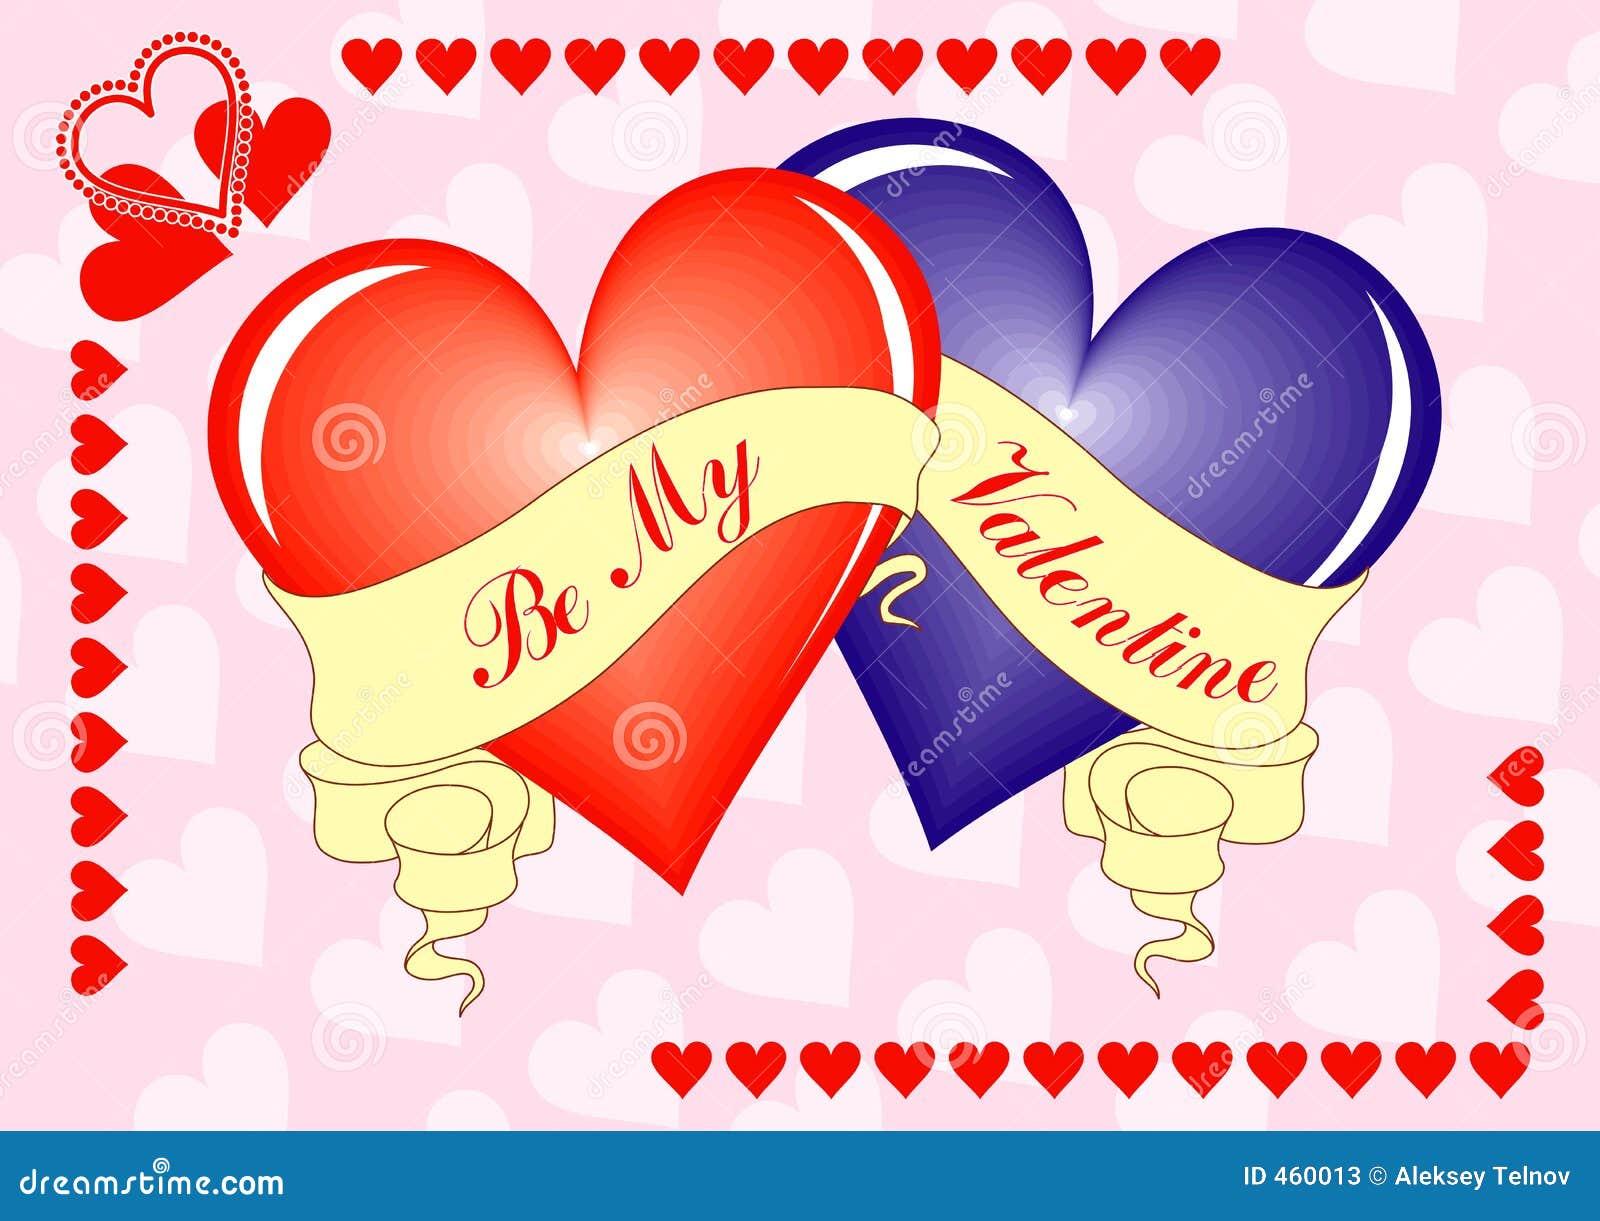 Valentine background, card, vector